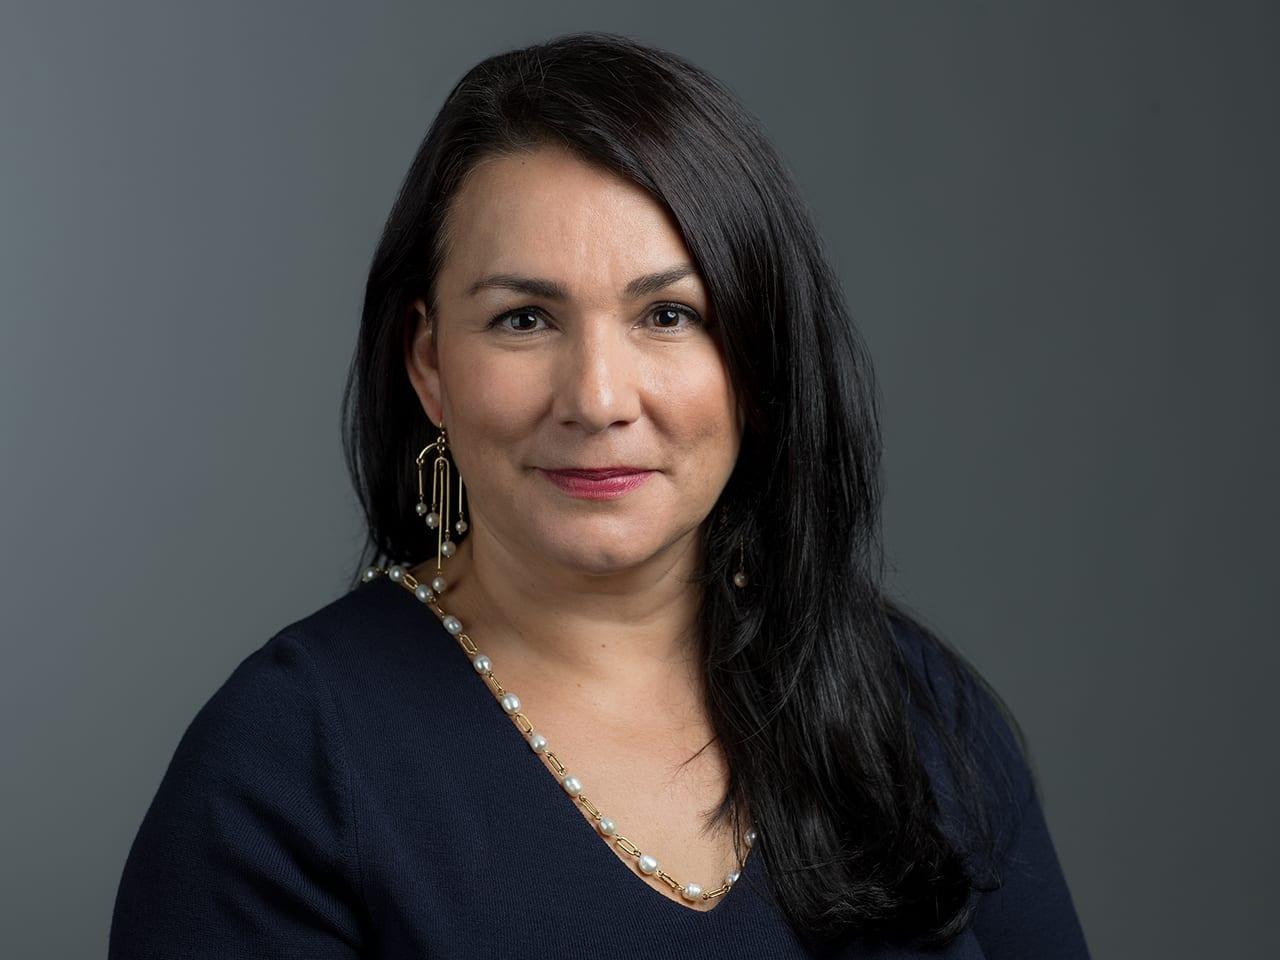 Vanessa Boettcher